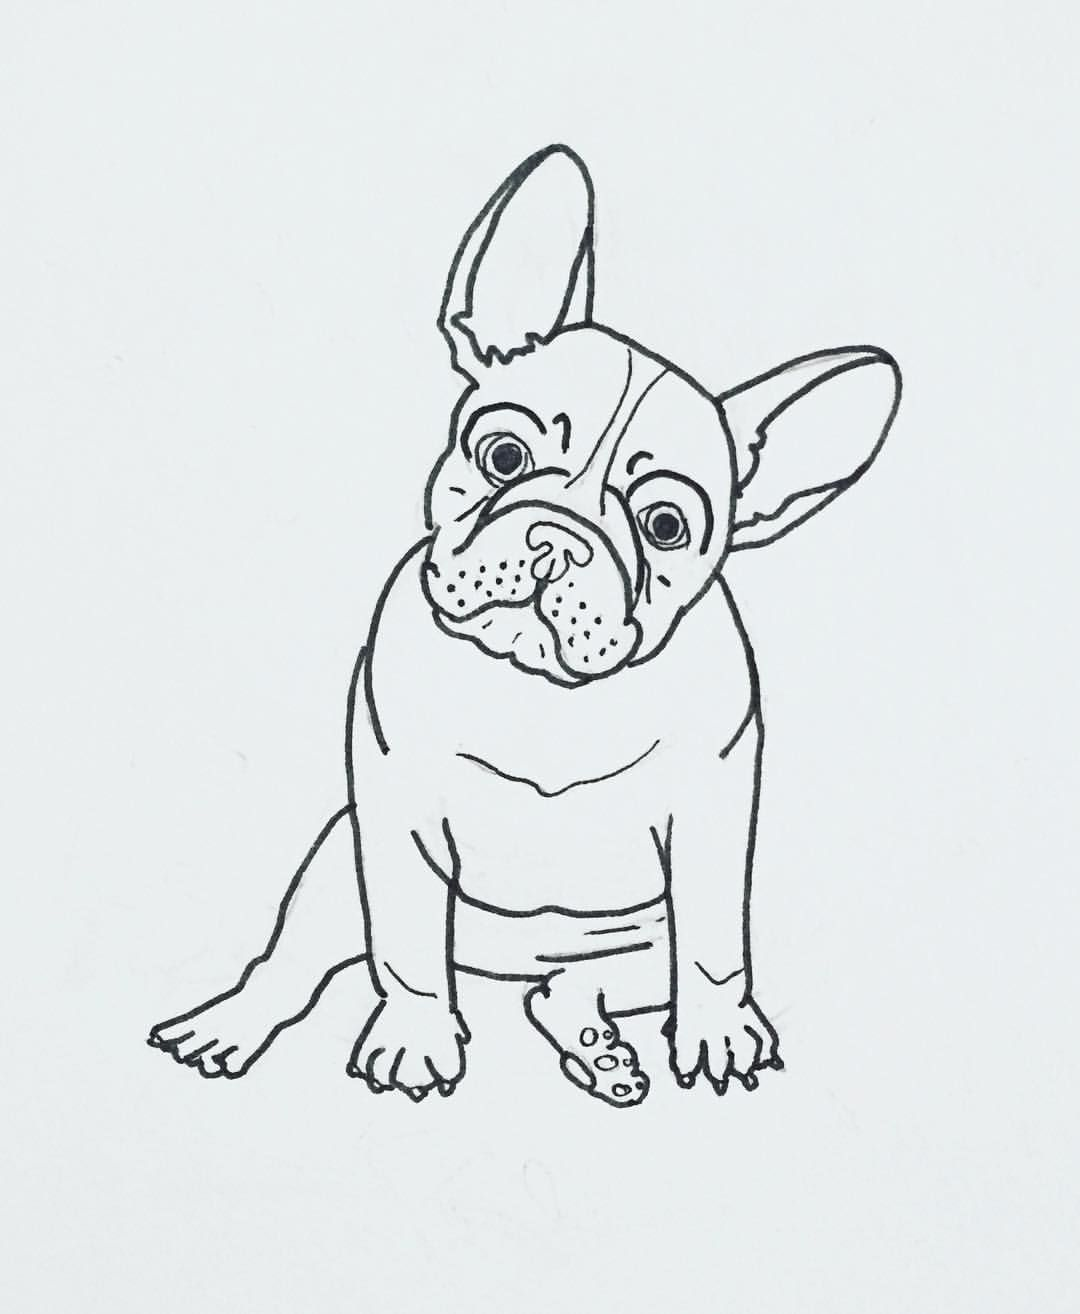 Dog Training Teach Your Dog Dog Learning Dog Tips Dog Hacks Dogdrawing Franzosische Bulldoggen Kunst Hund Zeichnungen Hund Malen